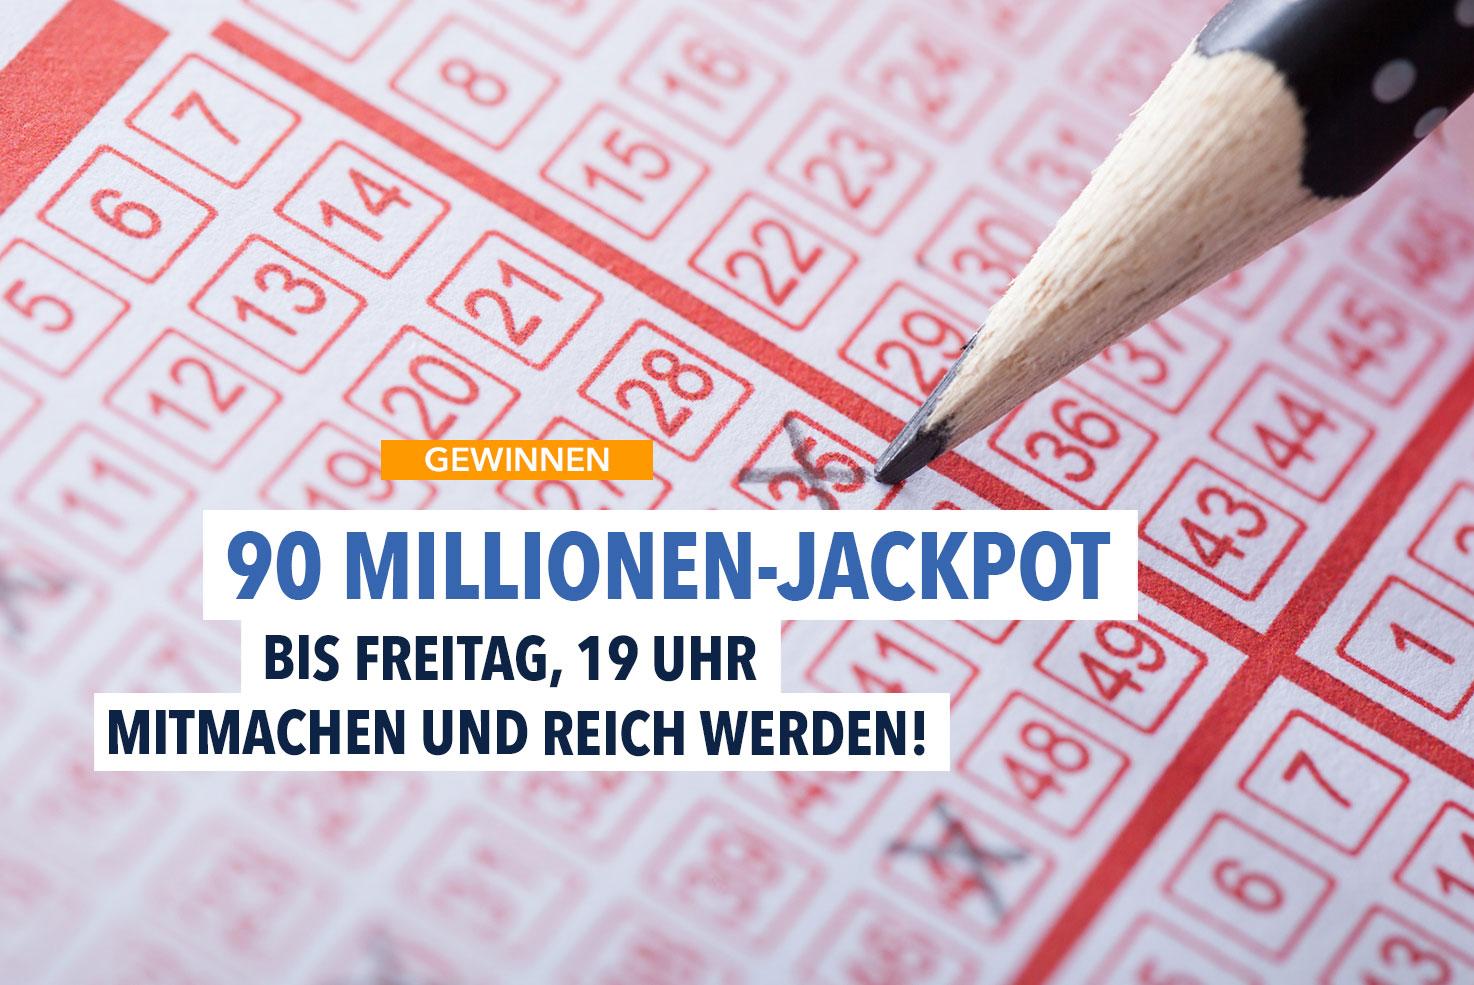 90-Millionen-Jackpot